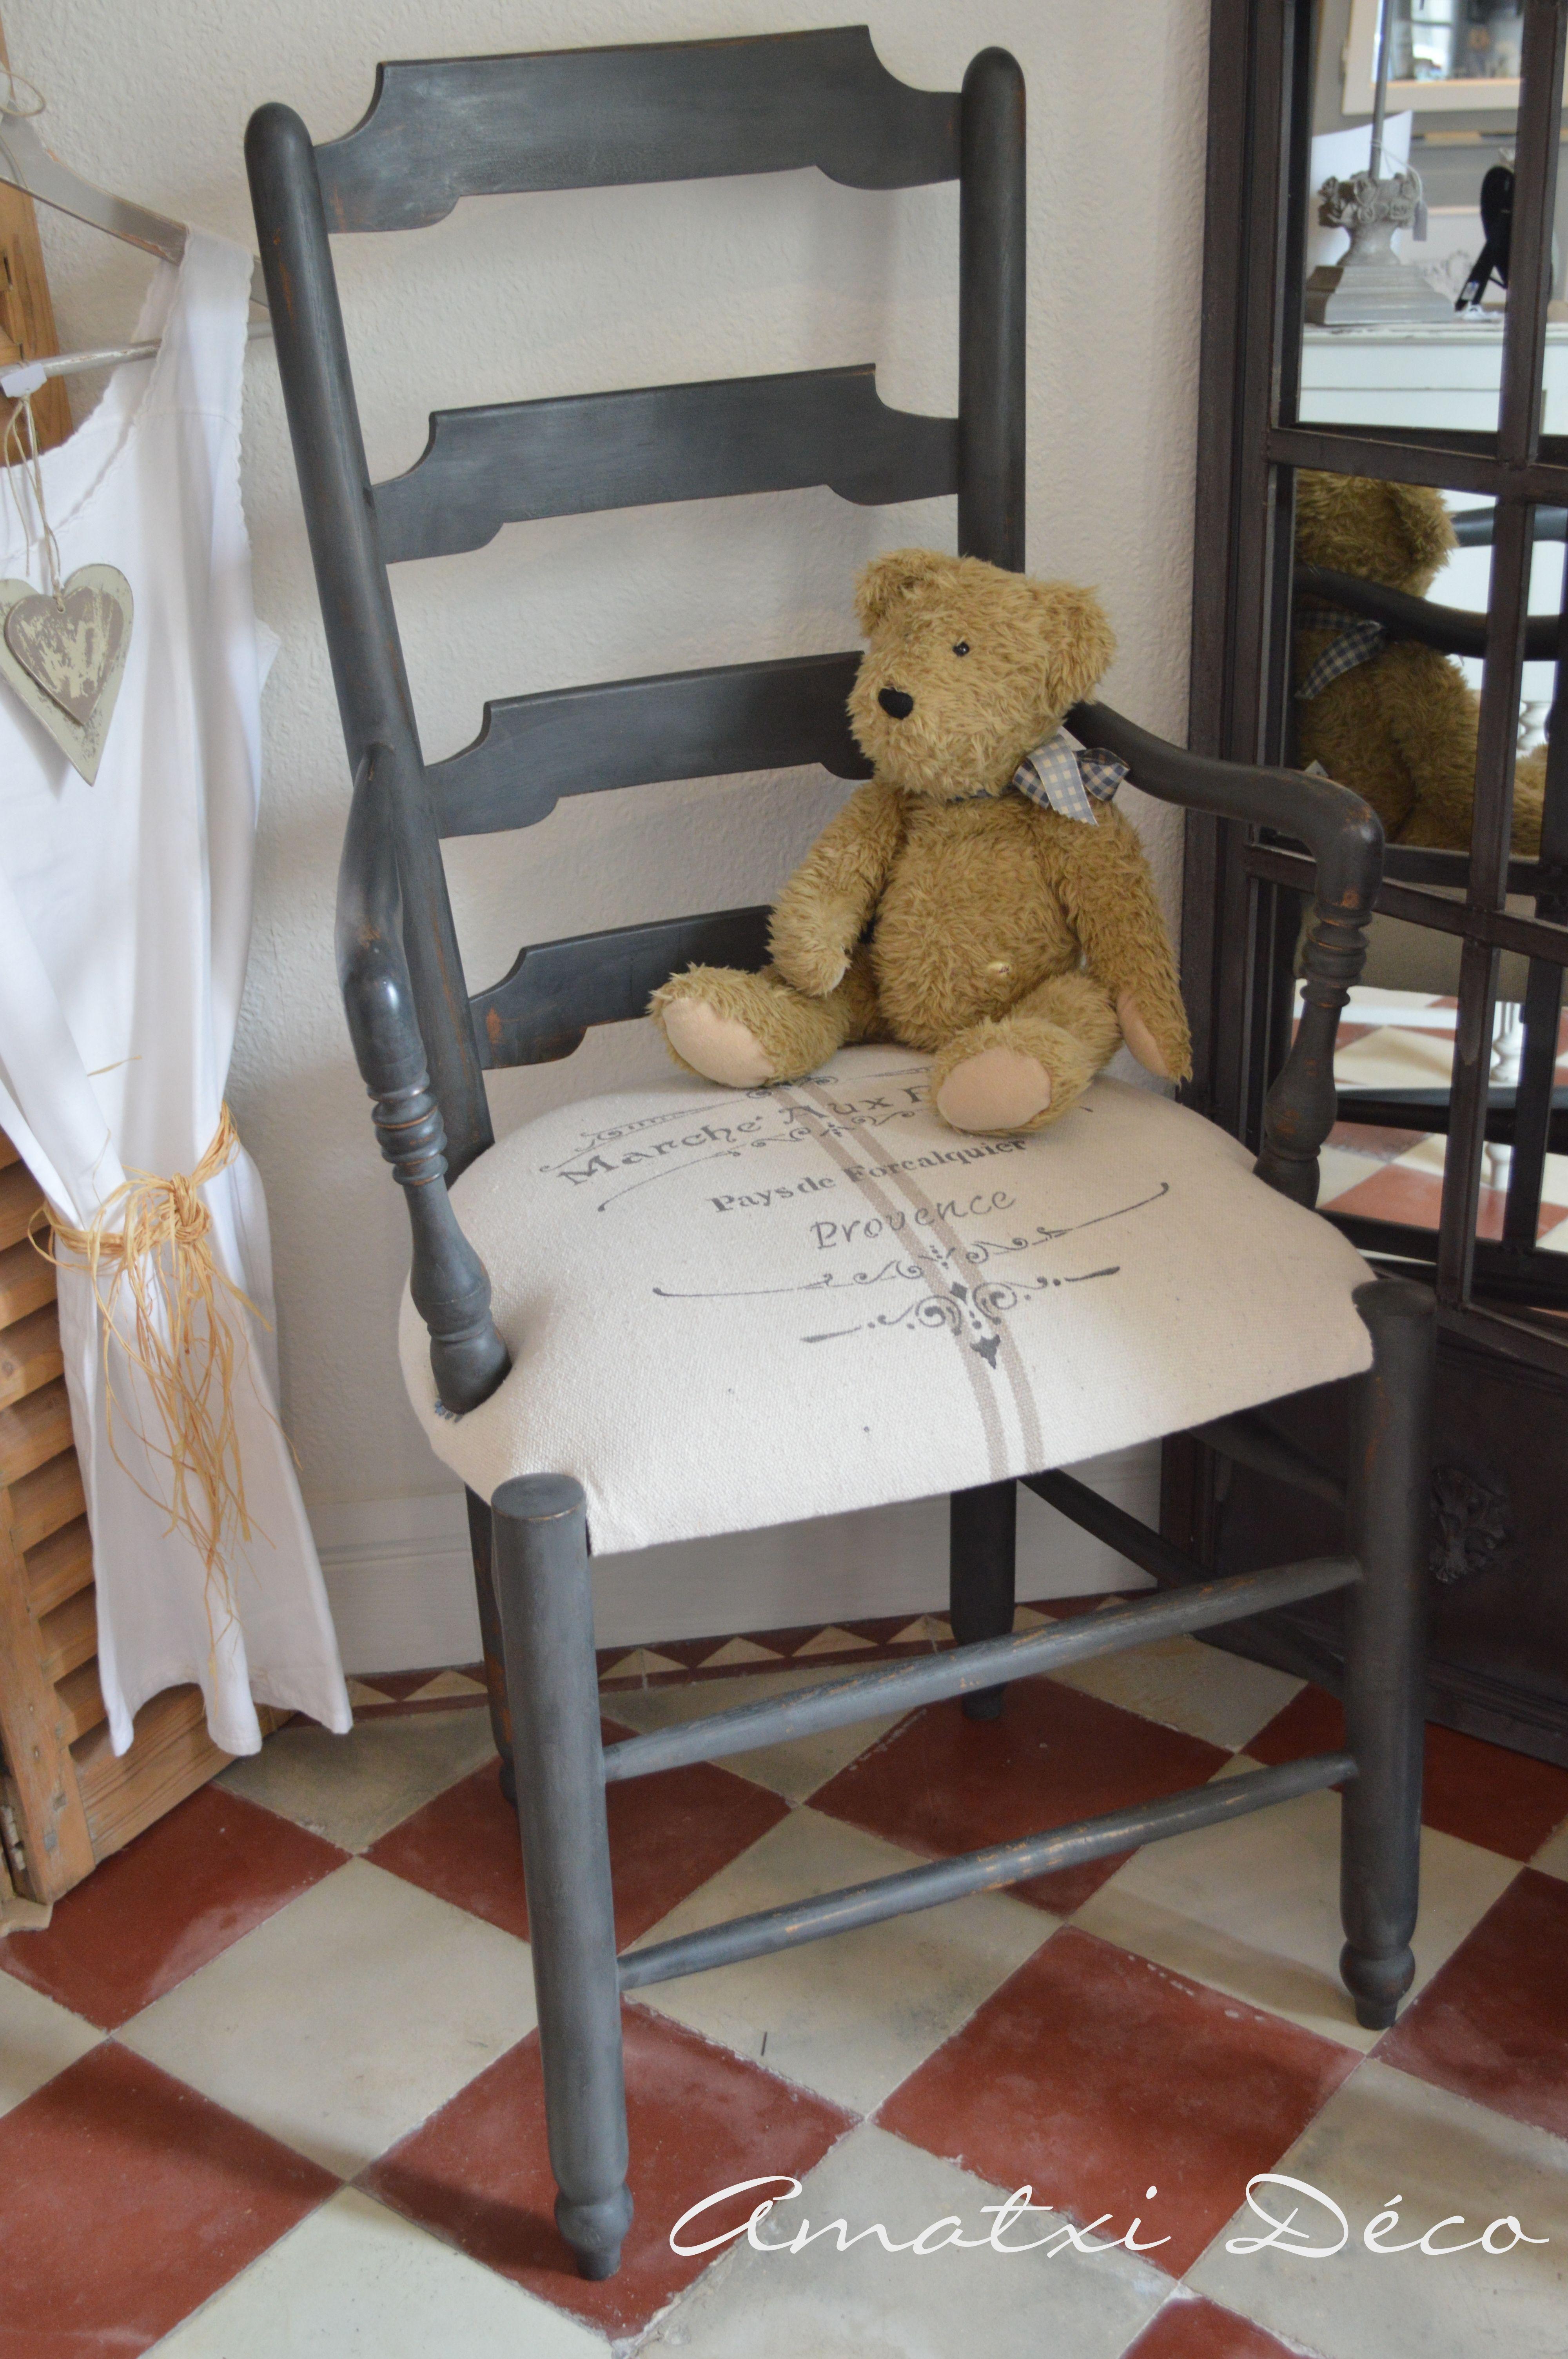 Amatxi d co cr ations joli petit fauteuil ancien qui a retrouv un coup de jeune peinture - Petit fauteuil ancien ...